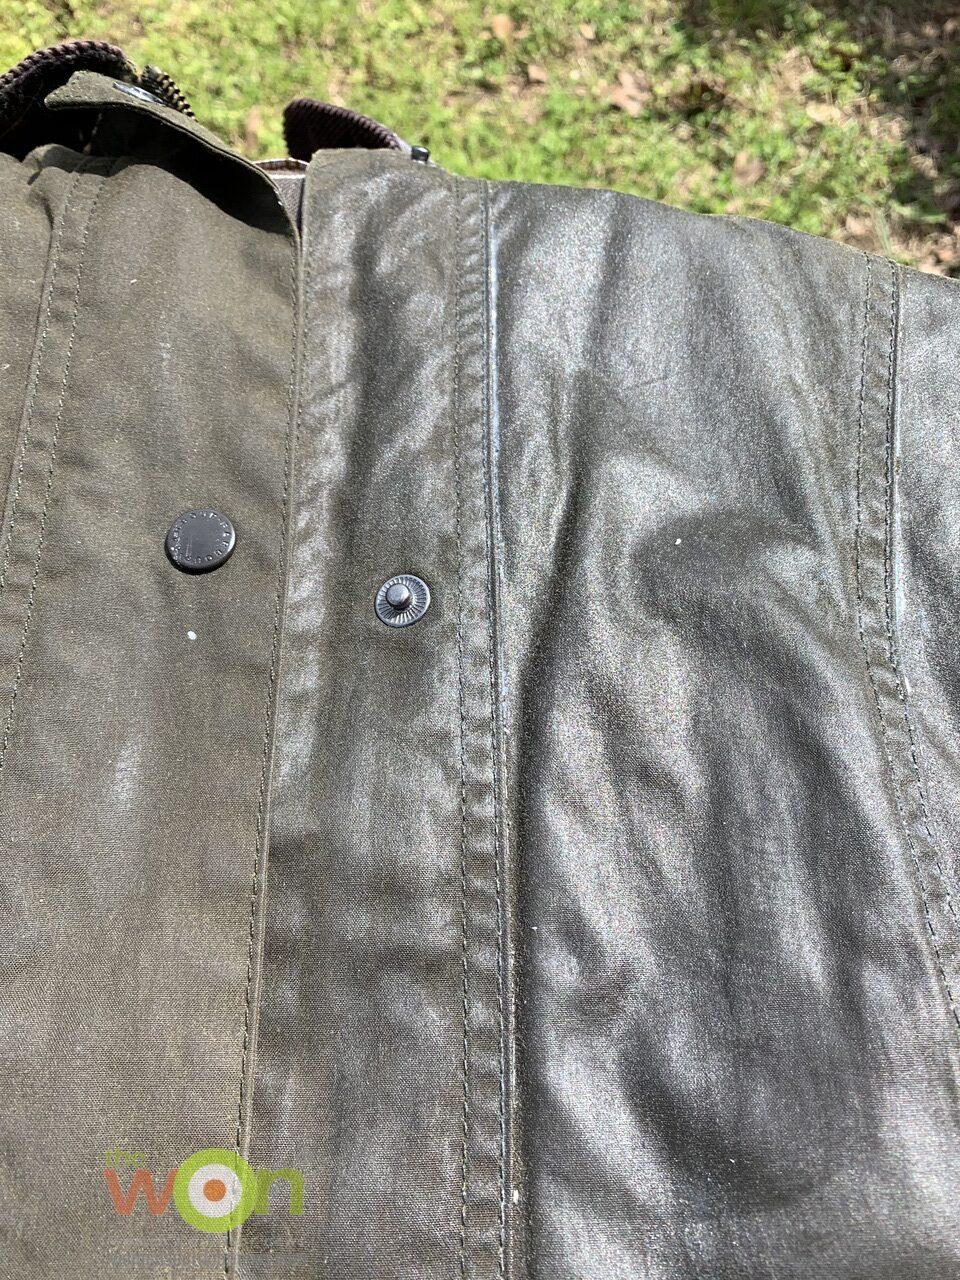 half waxed and half not waxed jacket